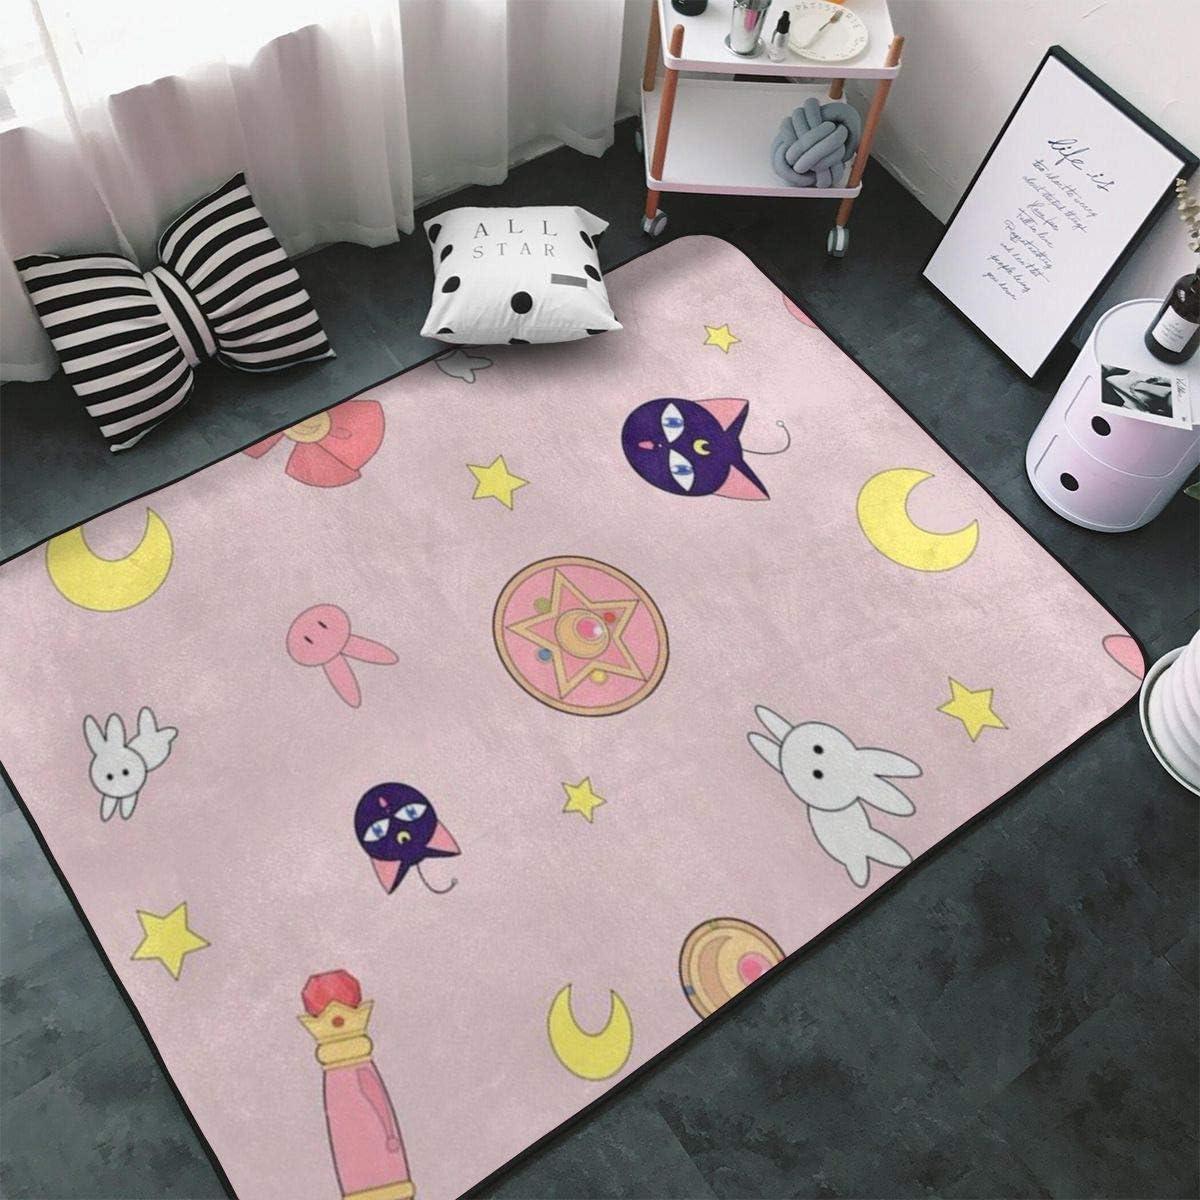 Sailor Moon Velboa Floor Rug Carpet Living Room Bedroom Kitchen Non-slip Mat hot